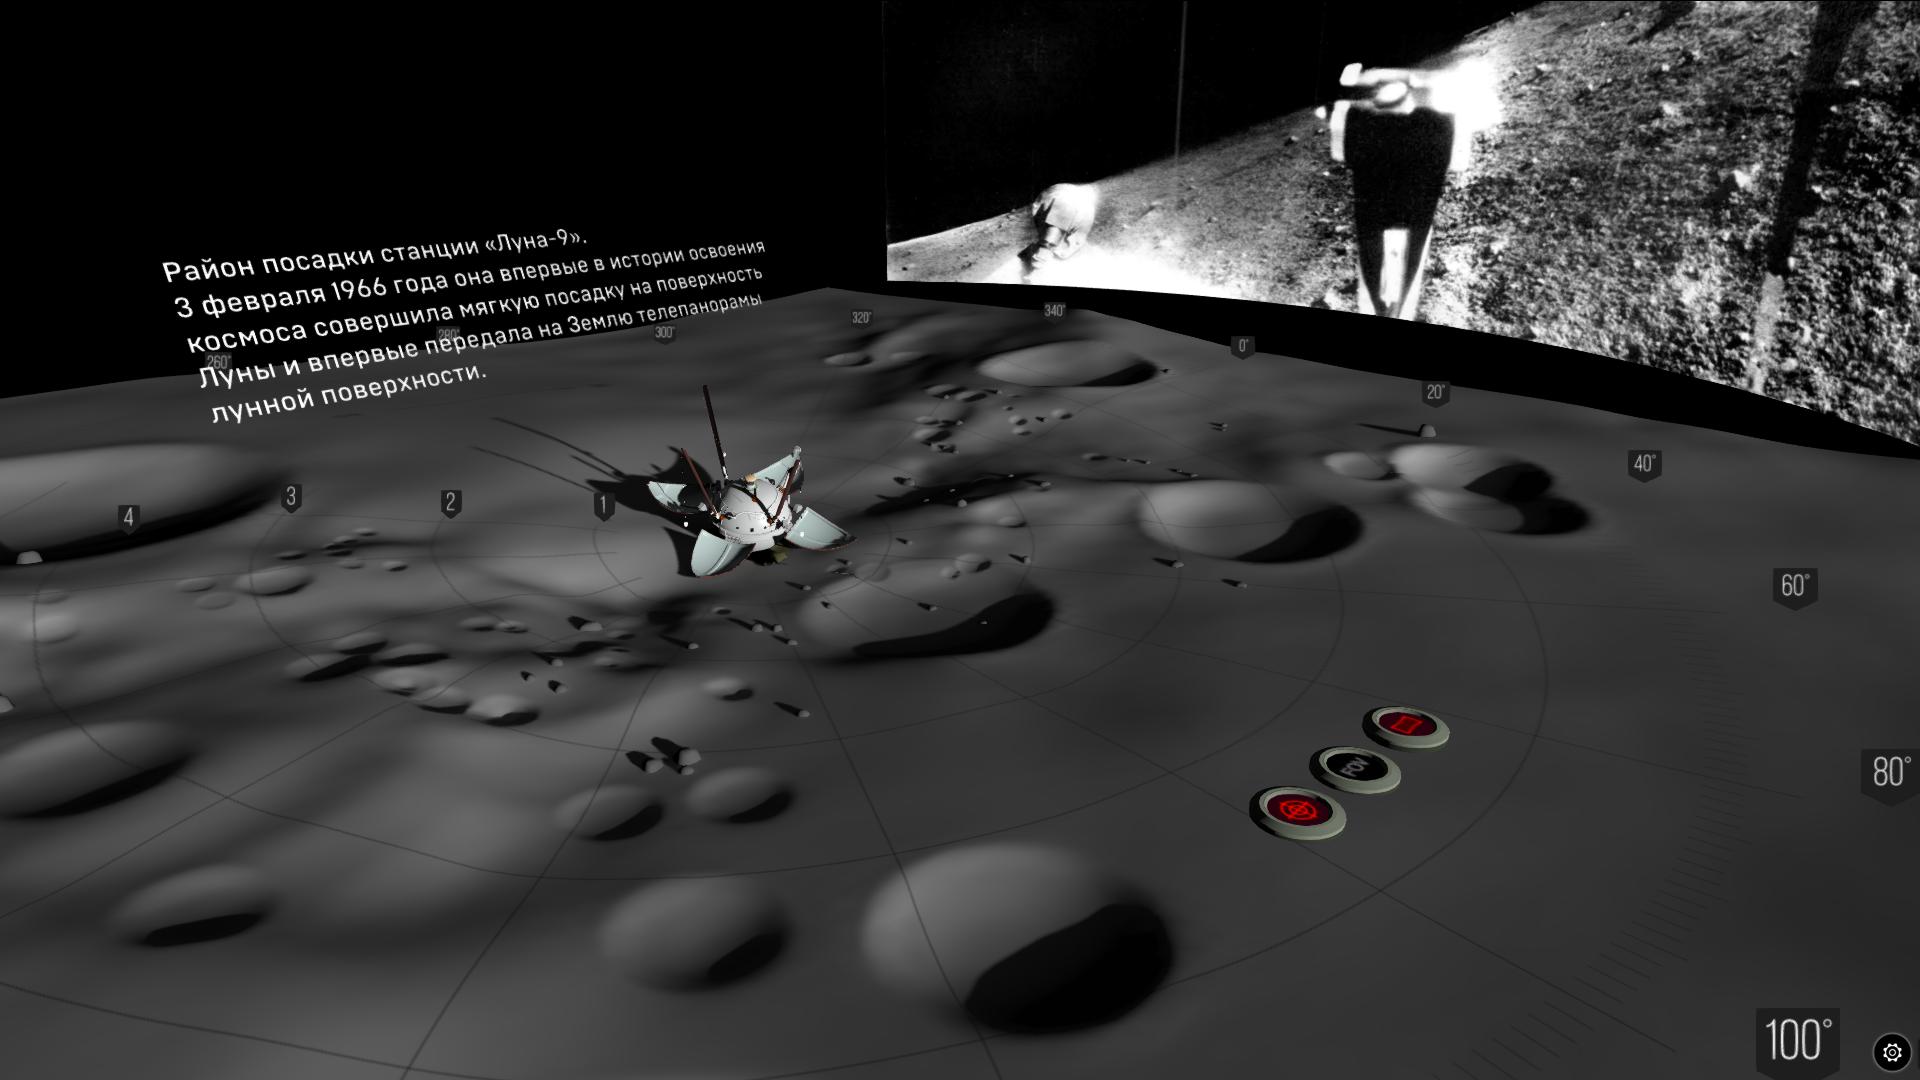 Как я реконструировал места посадок АЛС Луна 9 и Луна 13 - 1